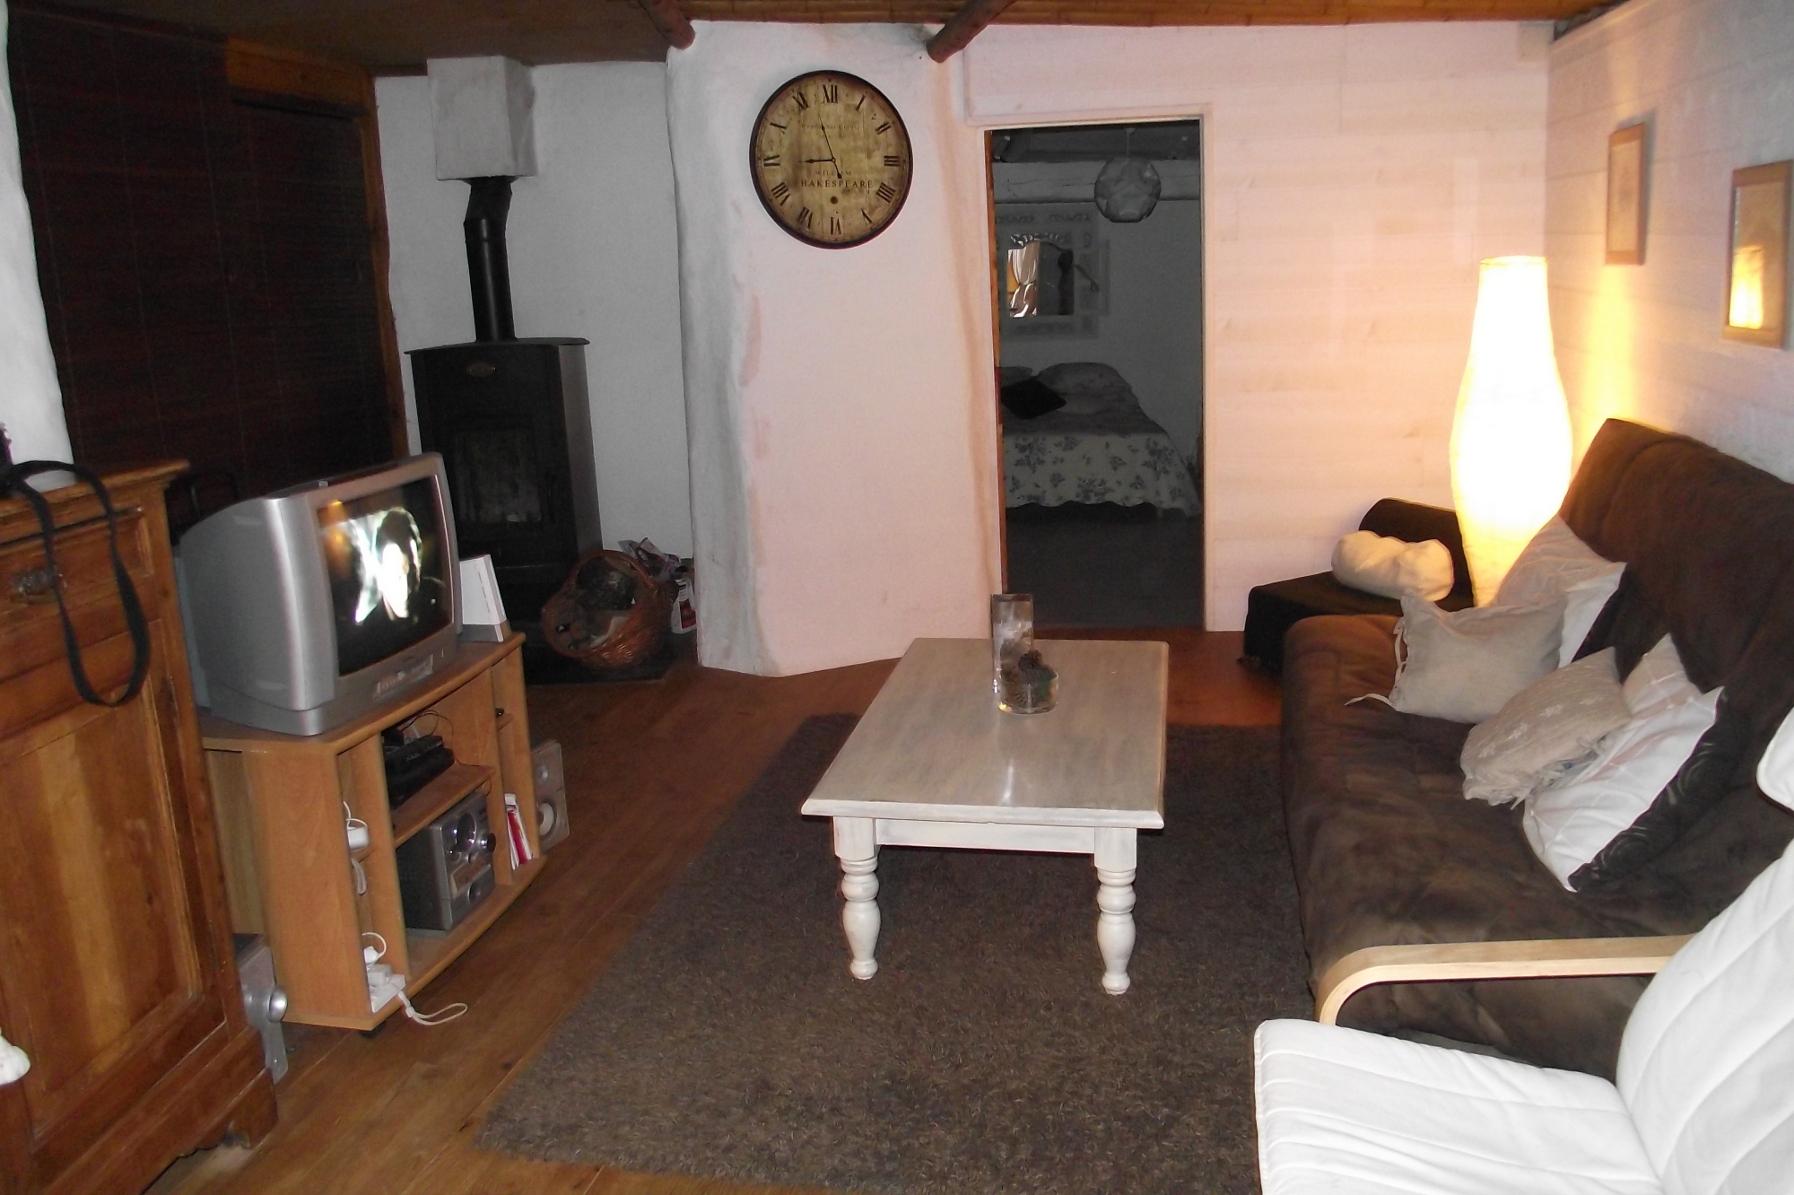 Inteirur maison La cloison magnifique le coin salon